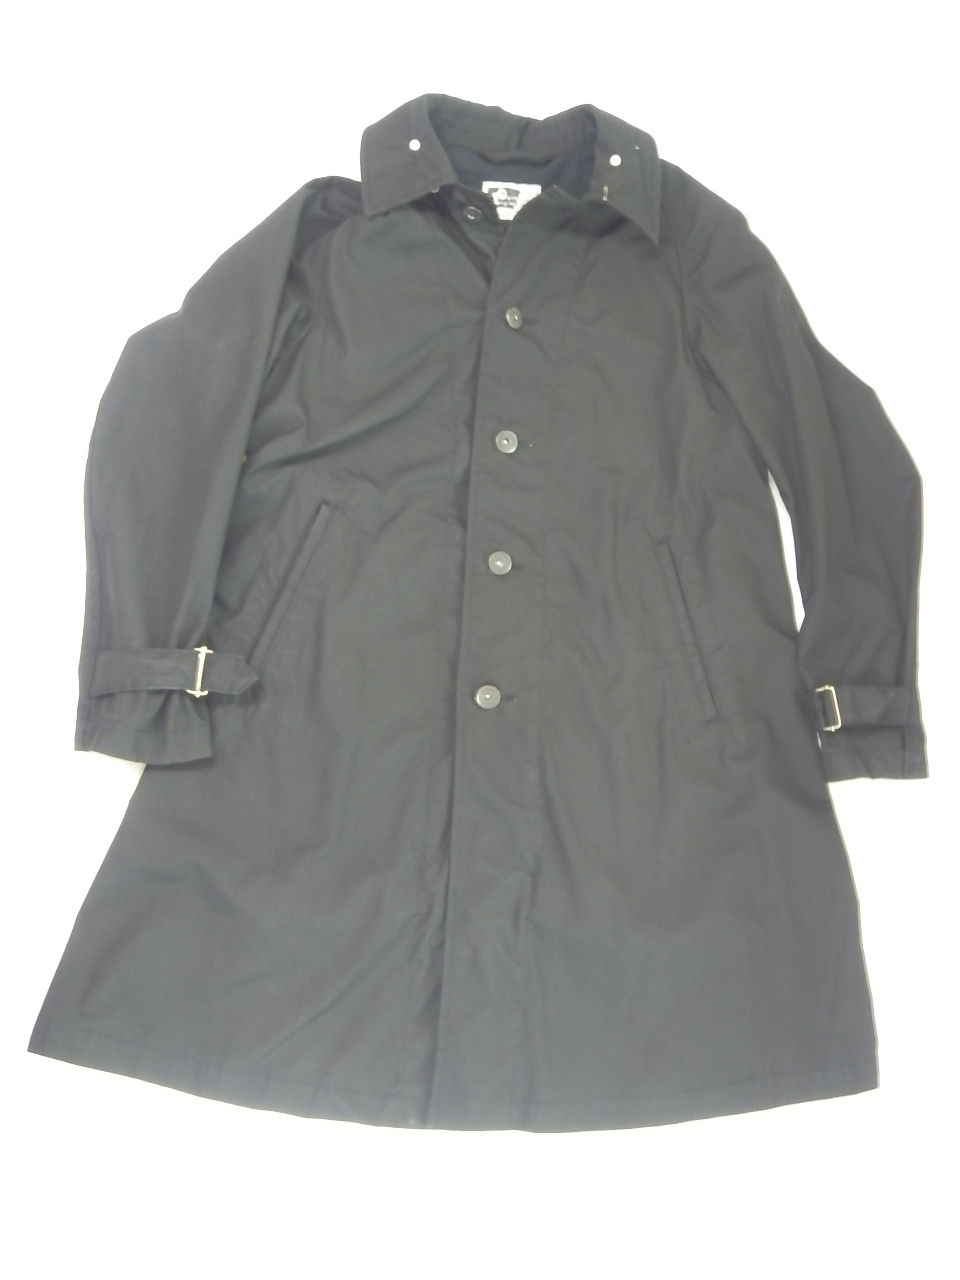 Engineered Garments エンジニアードガーメンツ USA スプリングコート size-1 買い取りました。フライズ鳥栖店